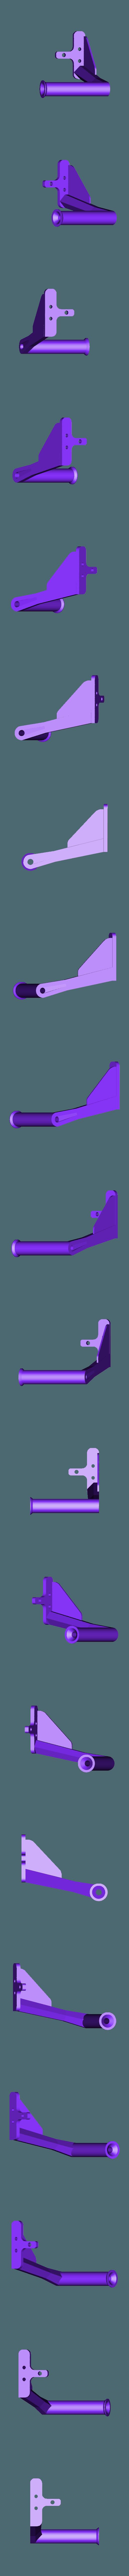 Tronxy_X1_Spool_with_z_axis_stabilizer.stl Télécharger fichier STL gratuit Porte-bobine Tronxy X1 et stabilisateur d'axe Z • Plan à imprimer en 3D, becker2